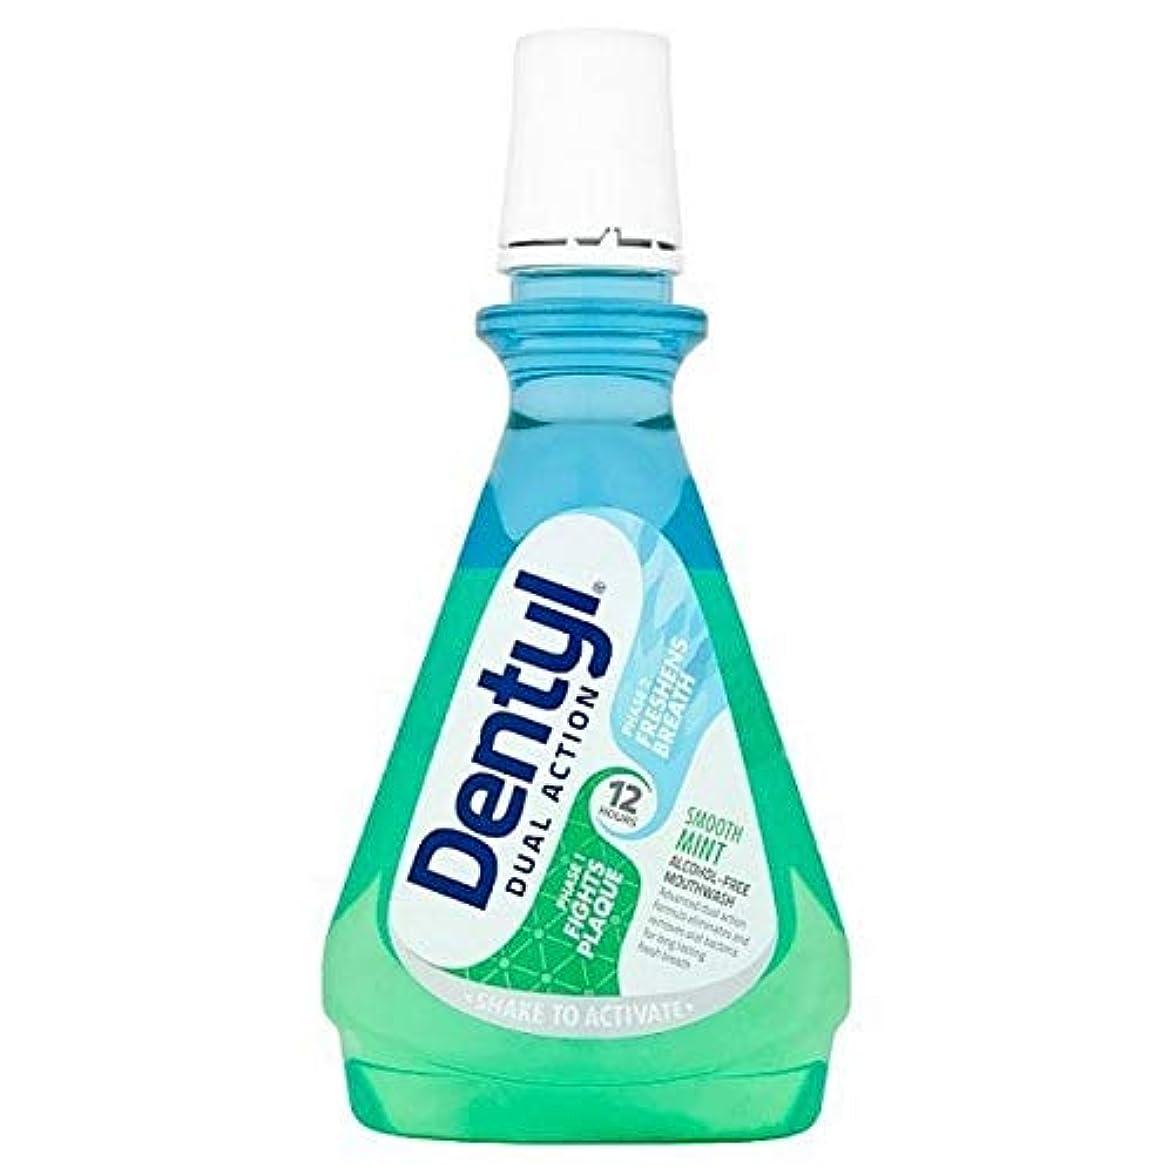 アレルギーキャメル約束する[Dentyl] DentylのPhはミントアルコールフリーのミントマウスウォッシュ500ミリリットル - Dentyl PH Mint Alcohol Free Mint Mouthwash 500ml [並行輸入品]